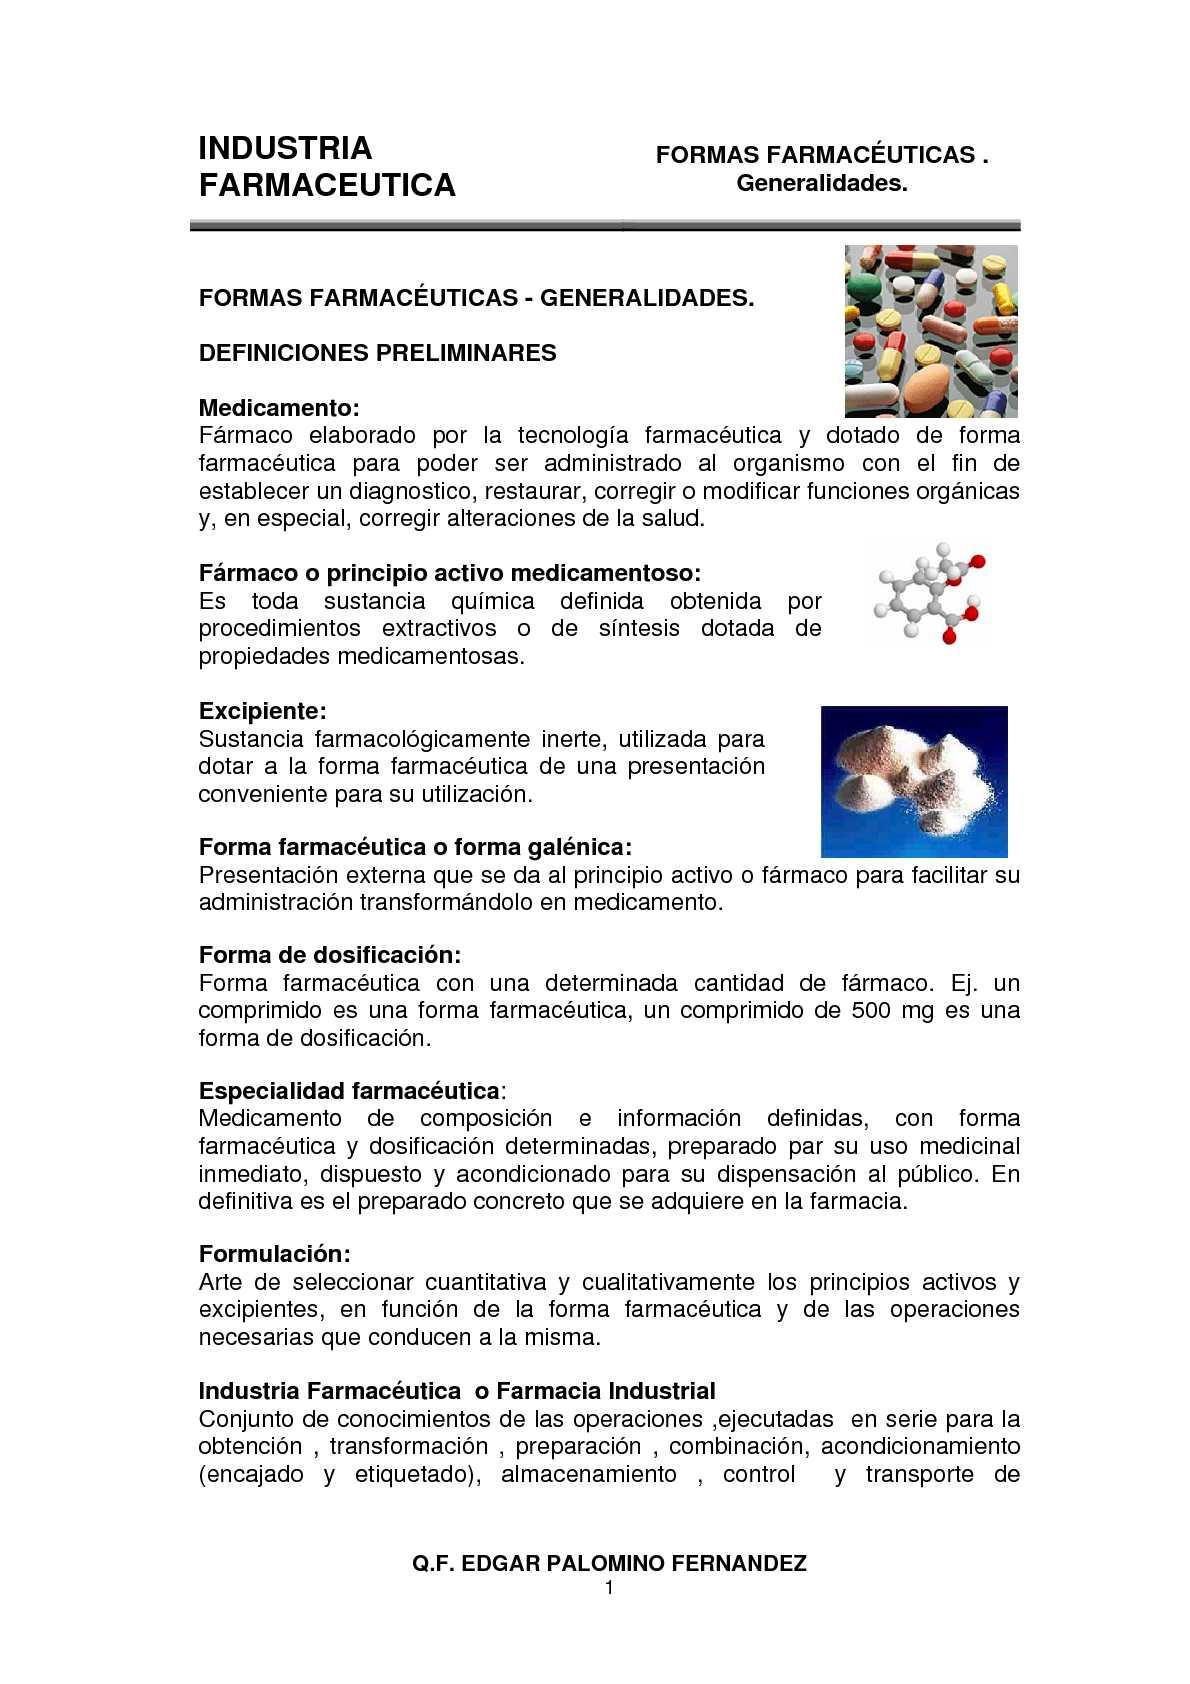 Propiedades de las suspensiones farmaceuticas